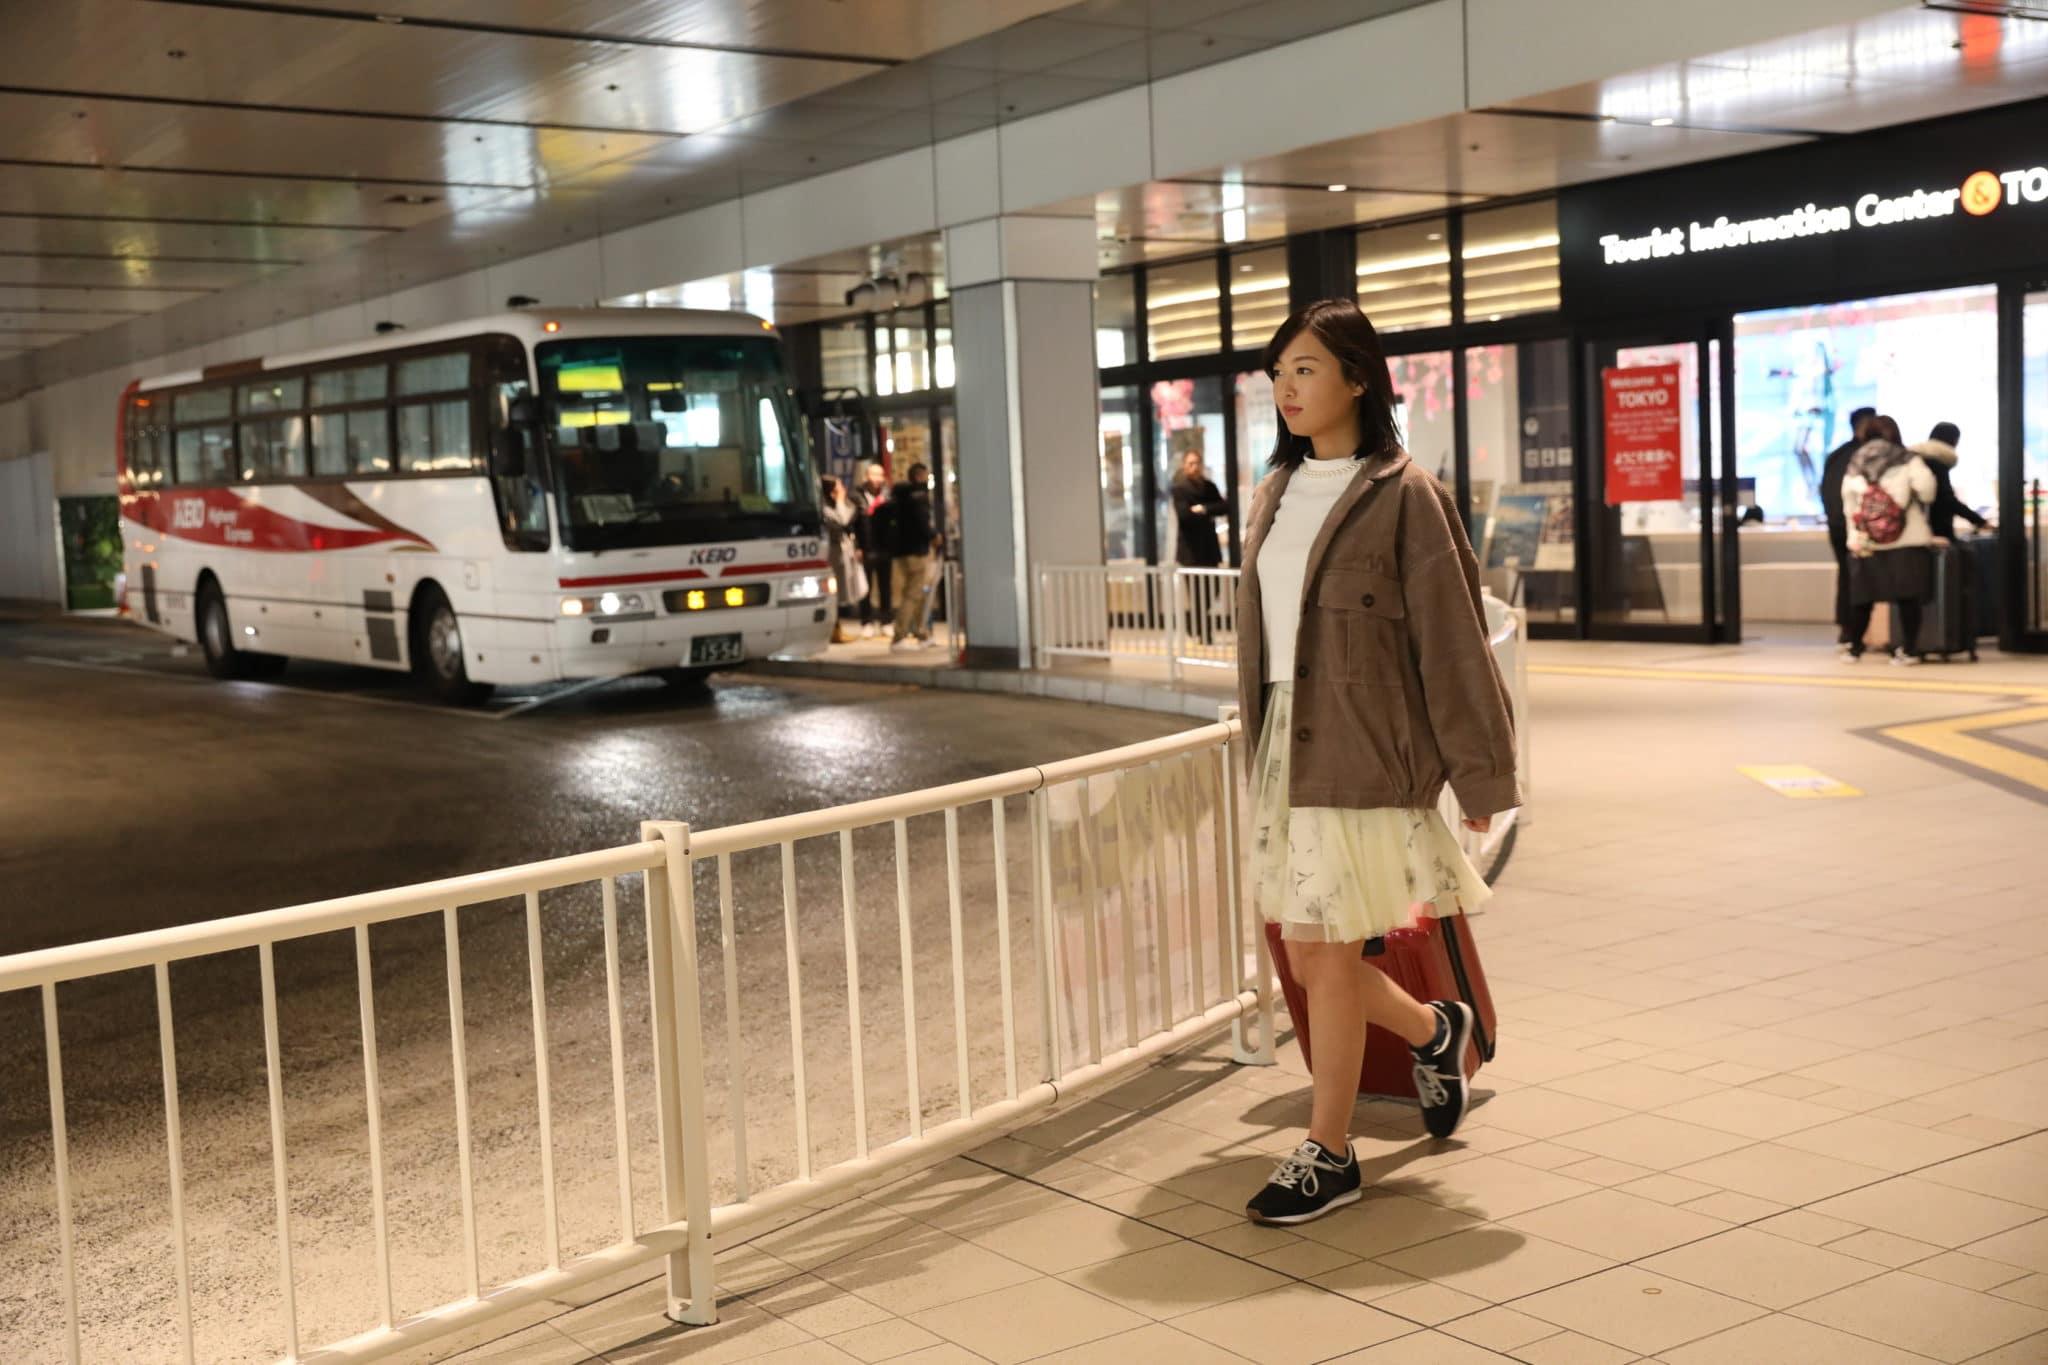 地方学生の味方!膨大な就活費用を減らせる⁉︎夜行バスで学割を使ってみよう!